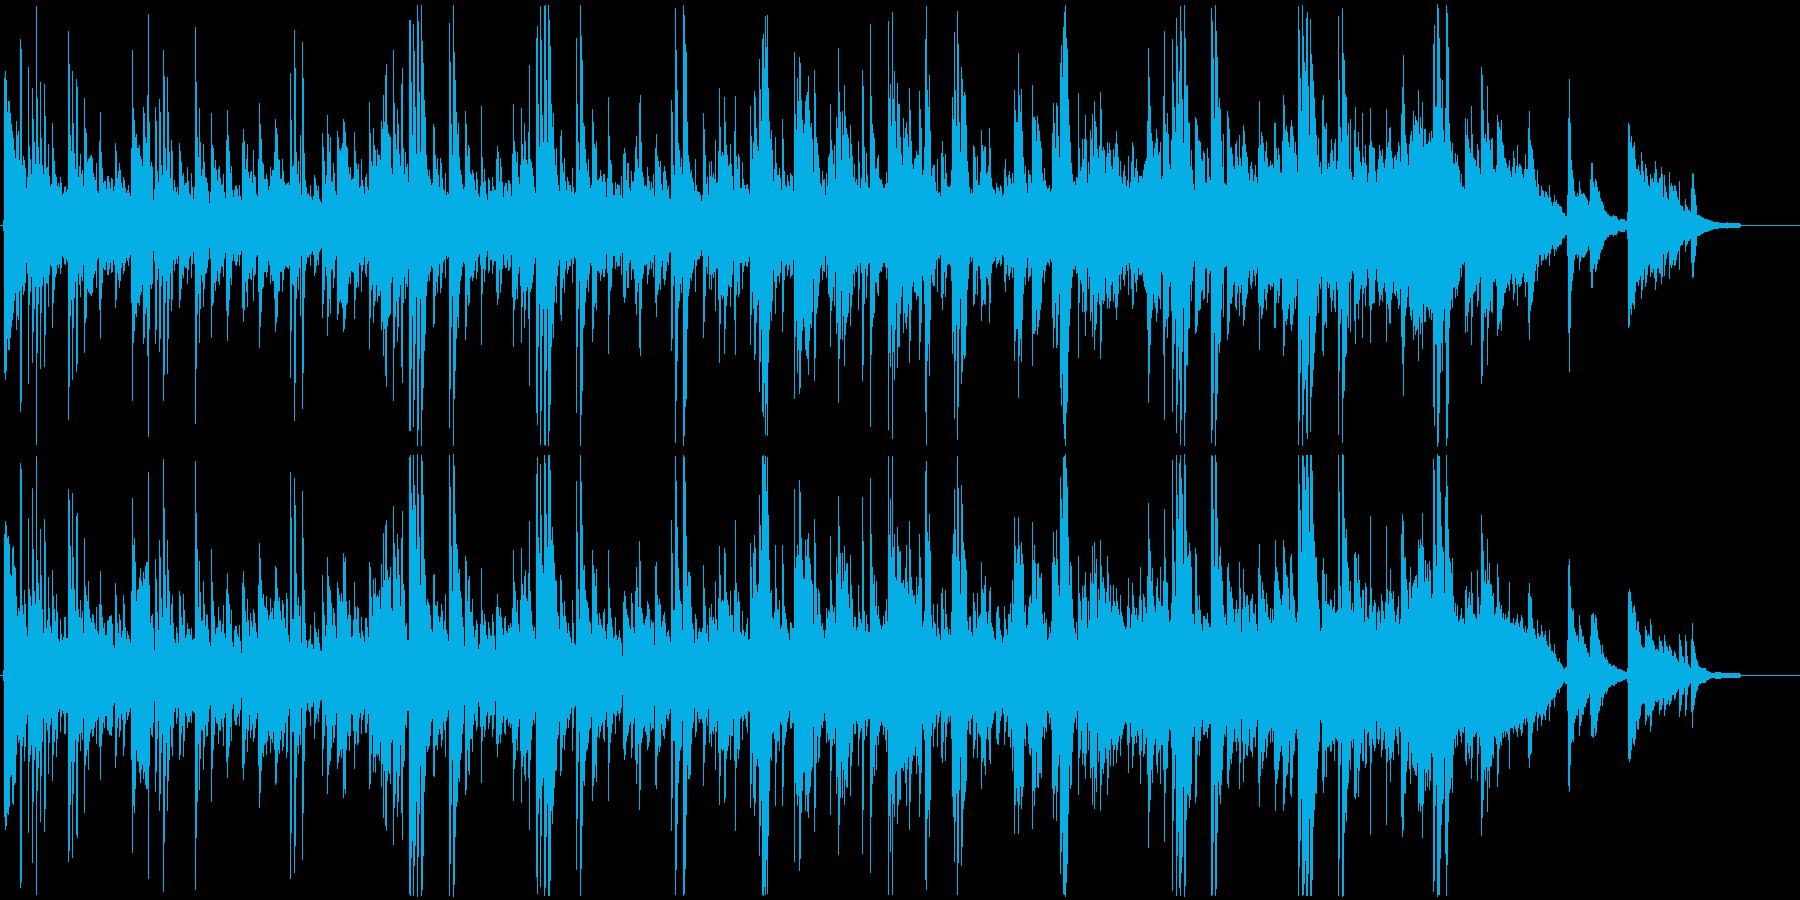 癒し系アコースティック・ギターバラードの再生済みの波形